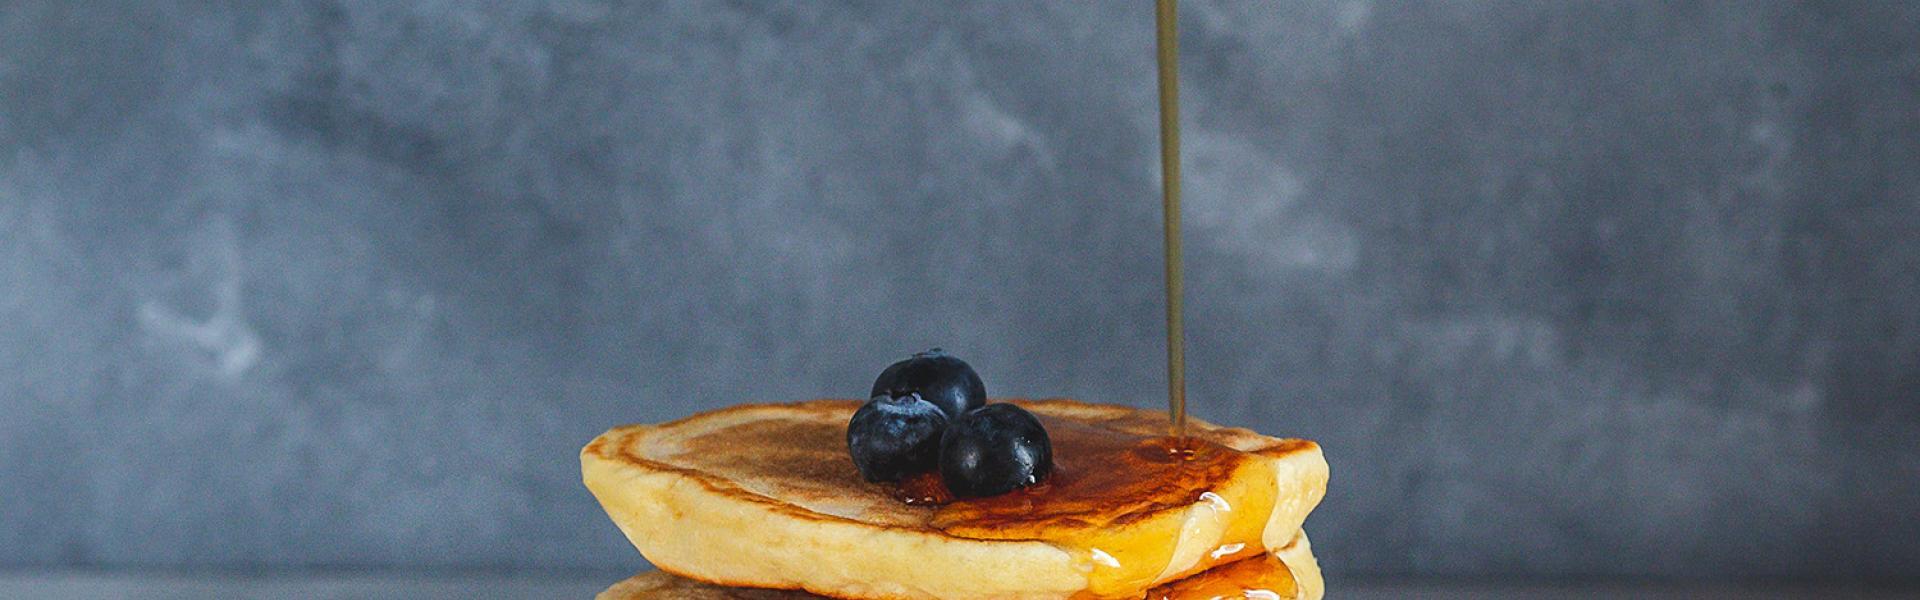 Fluffige Pancakes mit Blaubeeren auf einem Teller übereinander gestapelt und werden mit Ahornsirup übergossen.